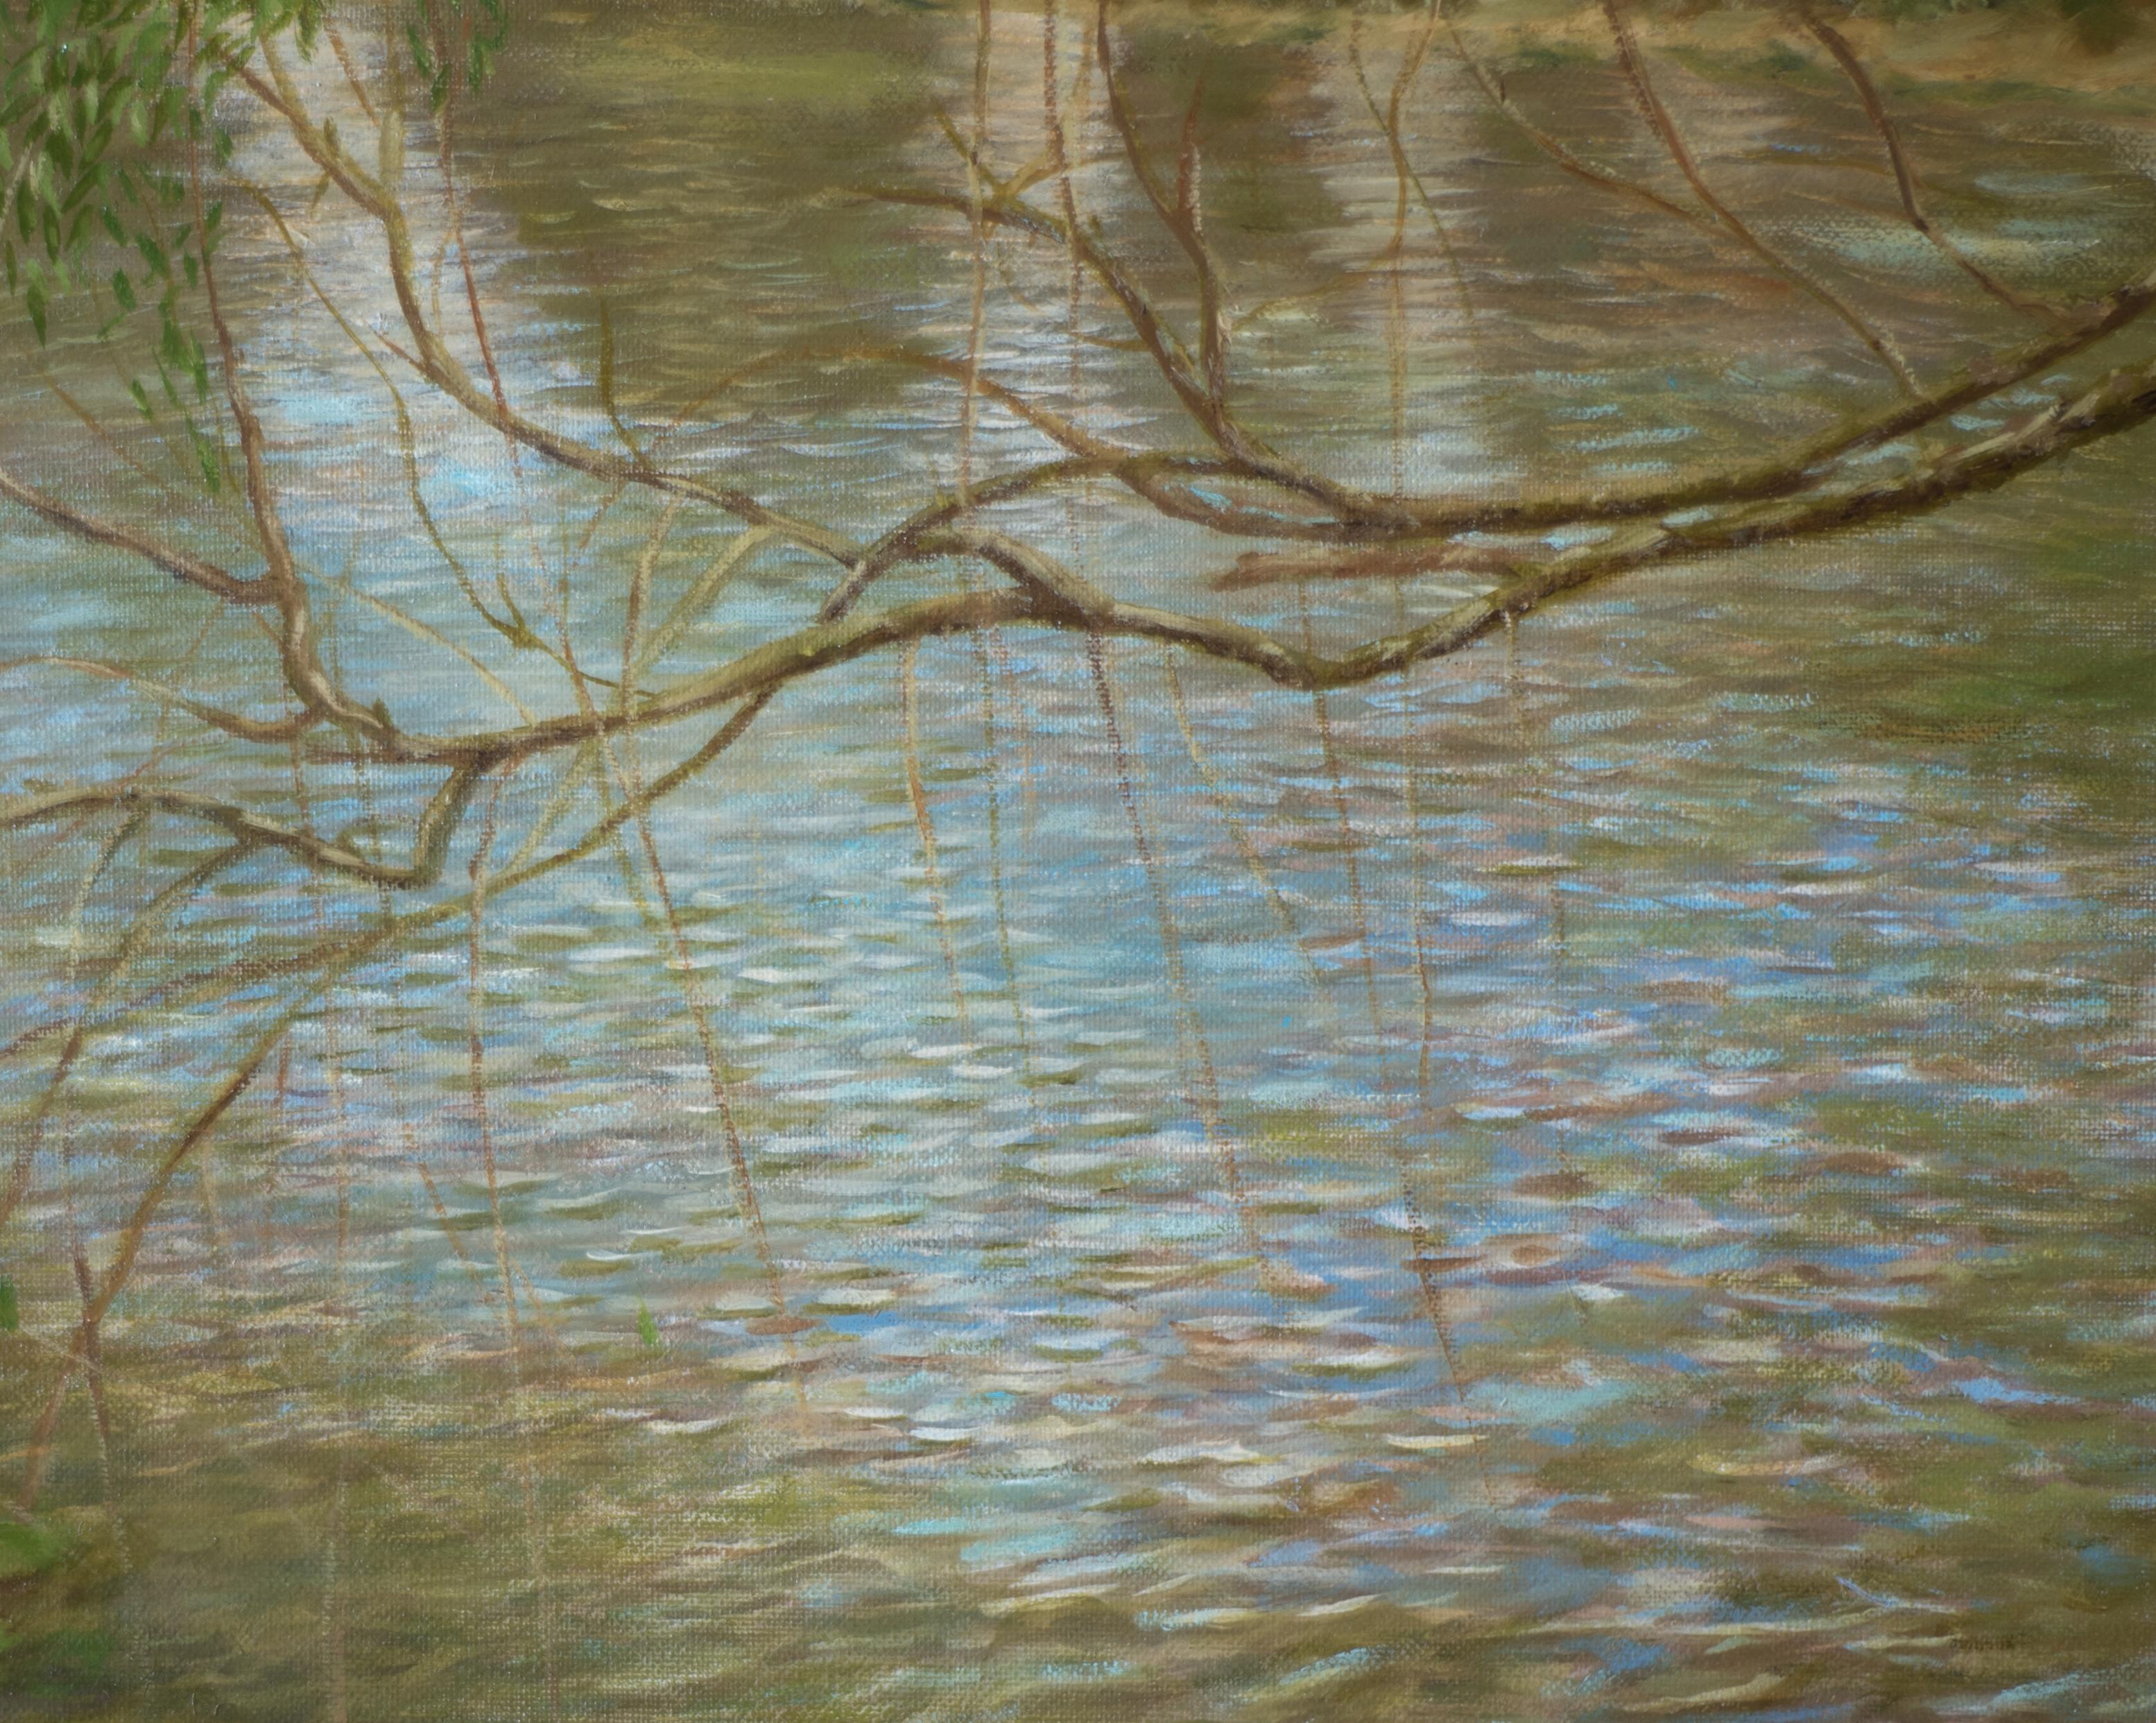 речной пейзаж кувшинки ветка картина маслом художник Альберт Сафиуллин